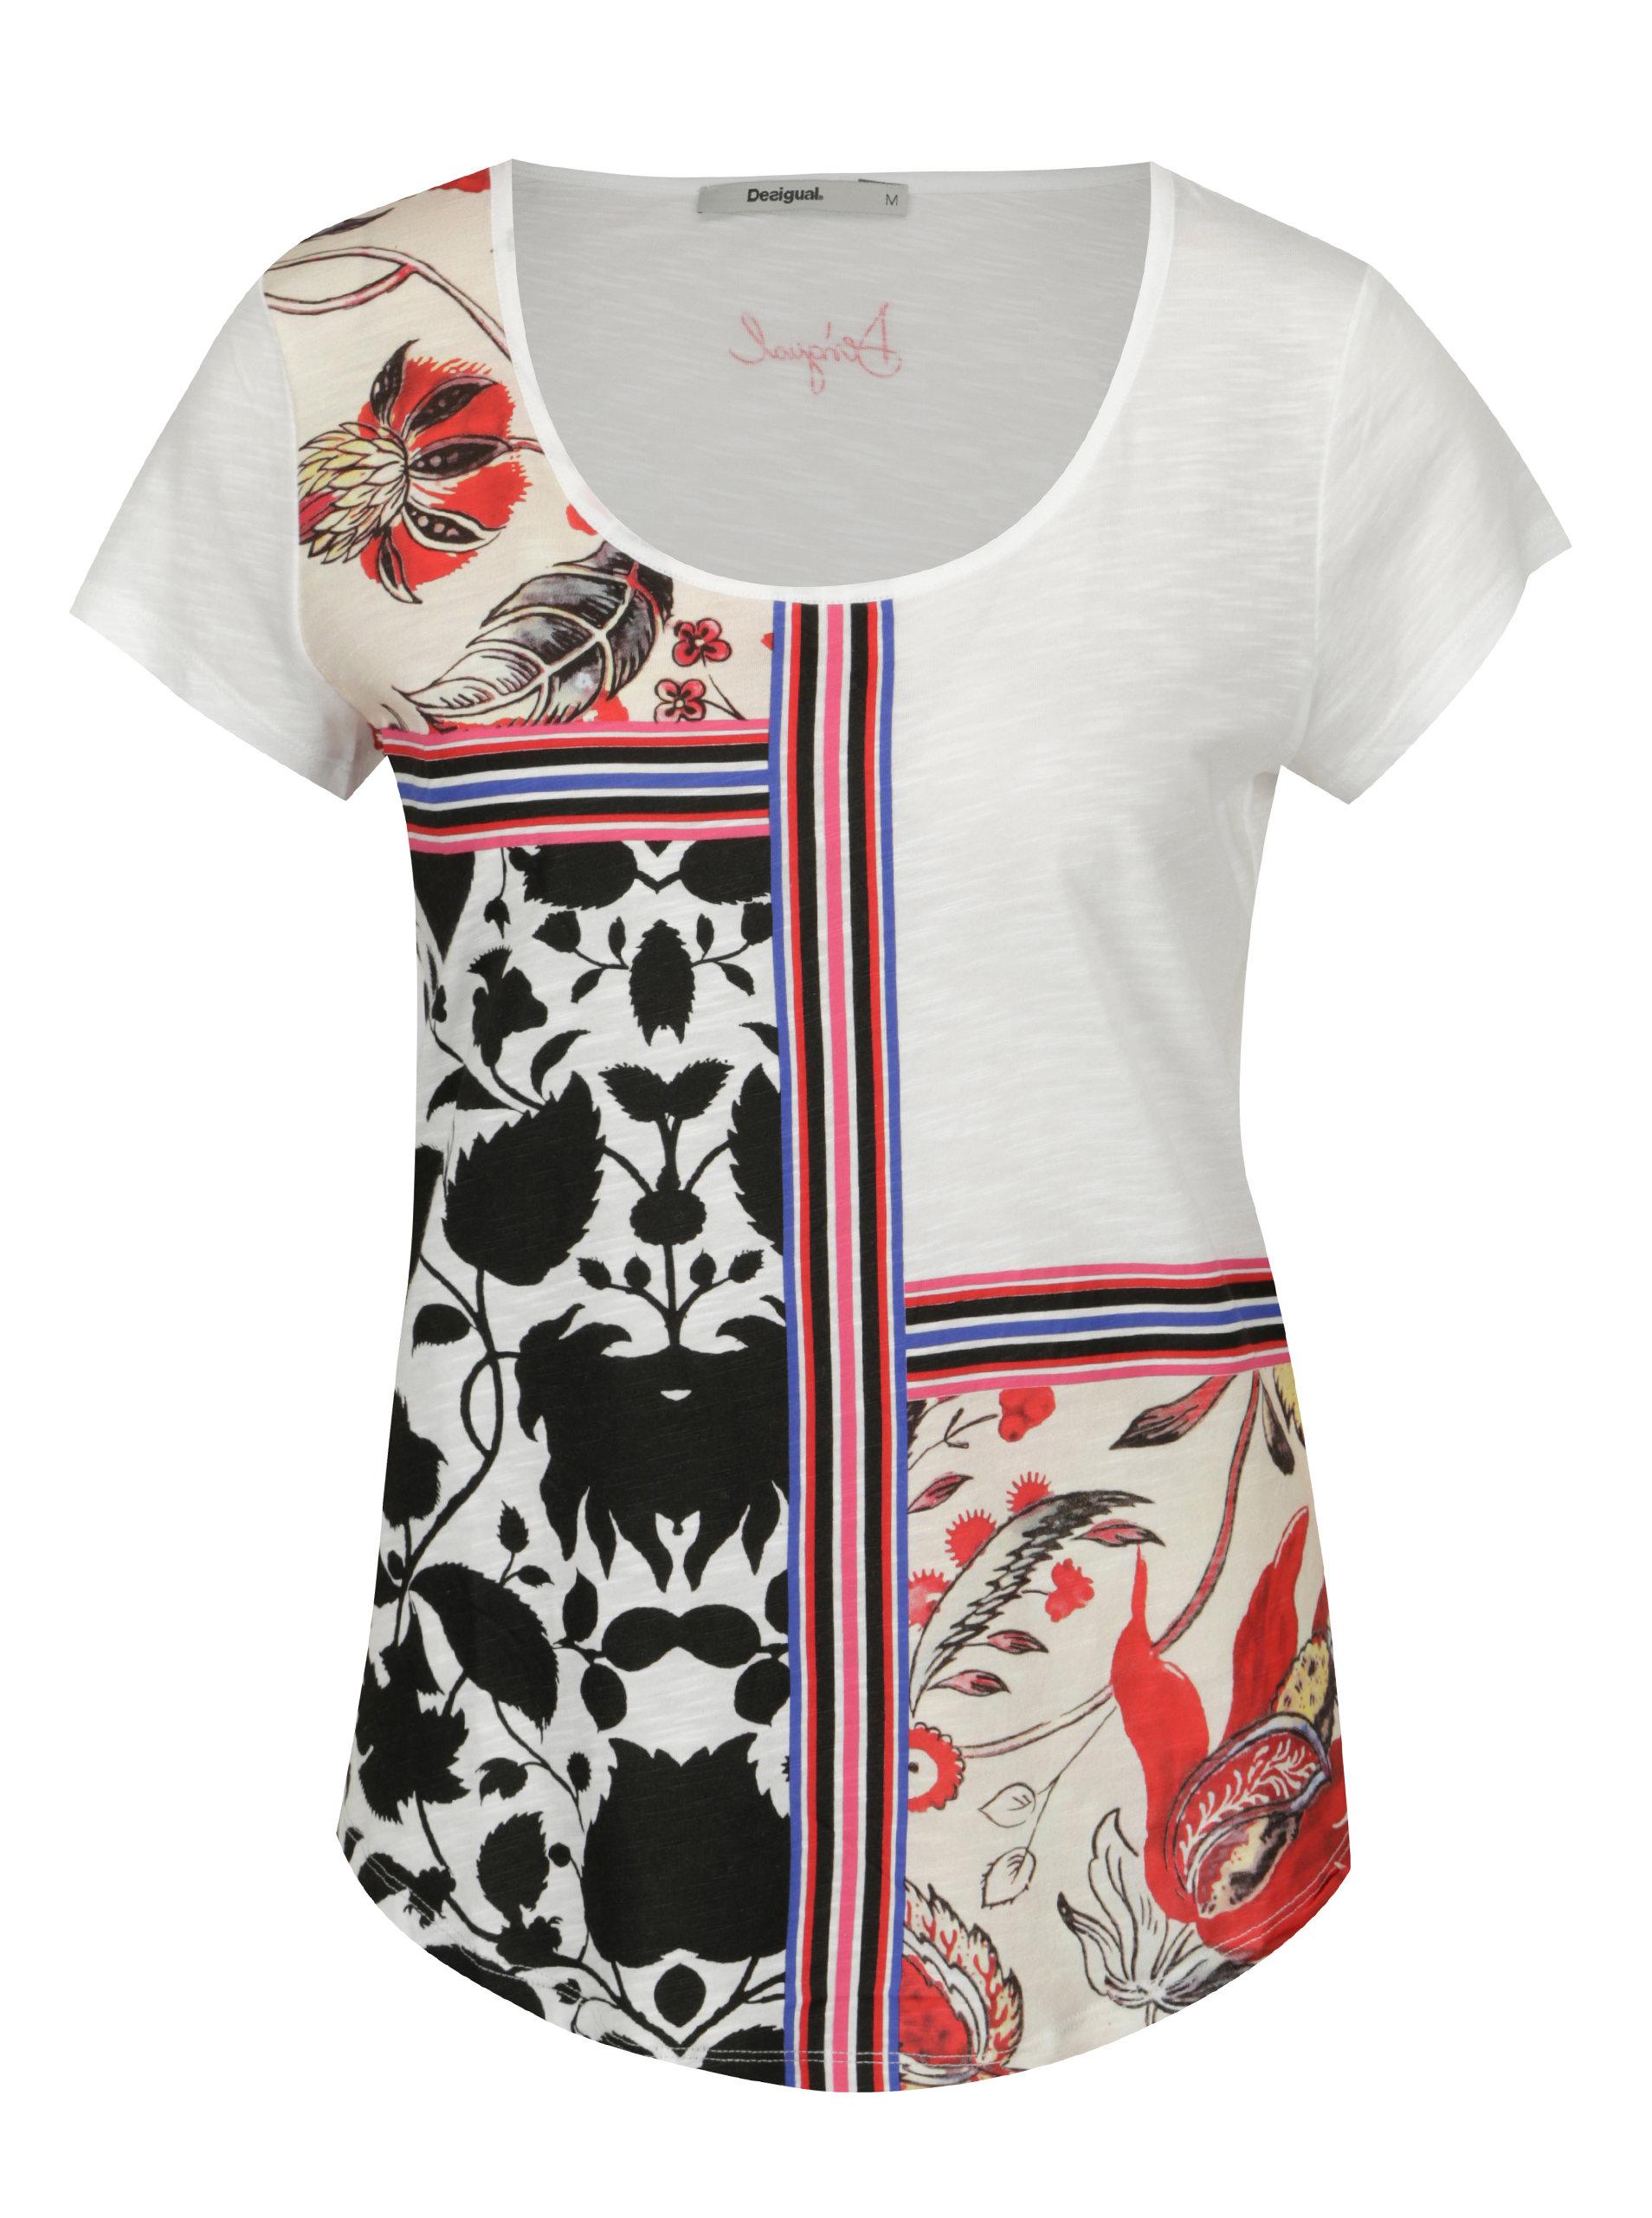 87189aae5dfc Biele vzorované tričko s krátkym rukávom Desigual Deo ...